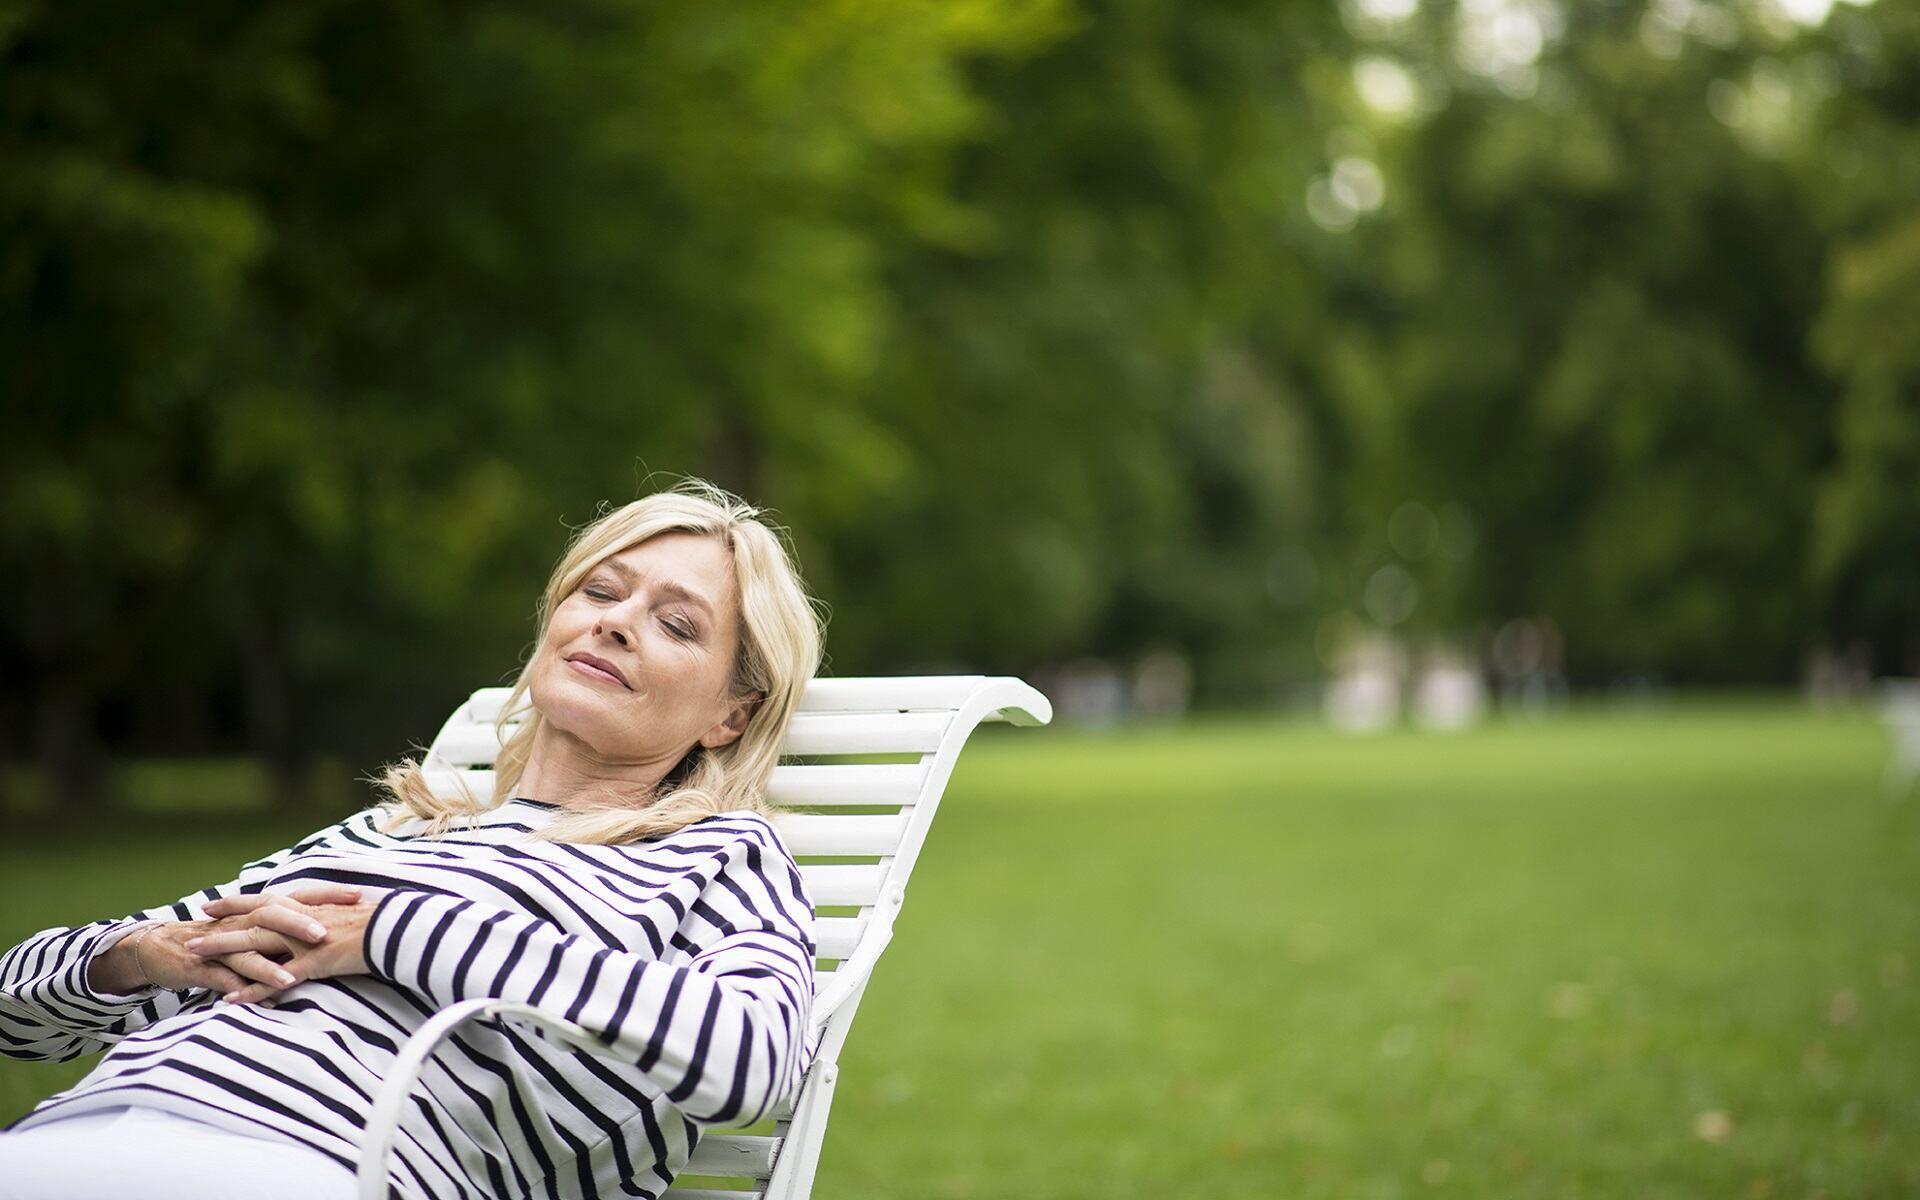 Frau entspannt auf einem Stuhl im Luitpoldpark in Bad Kissingen